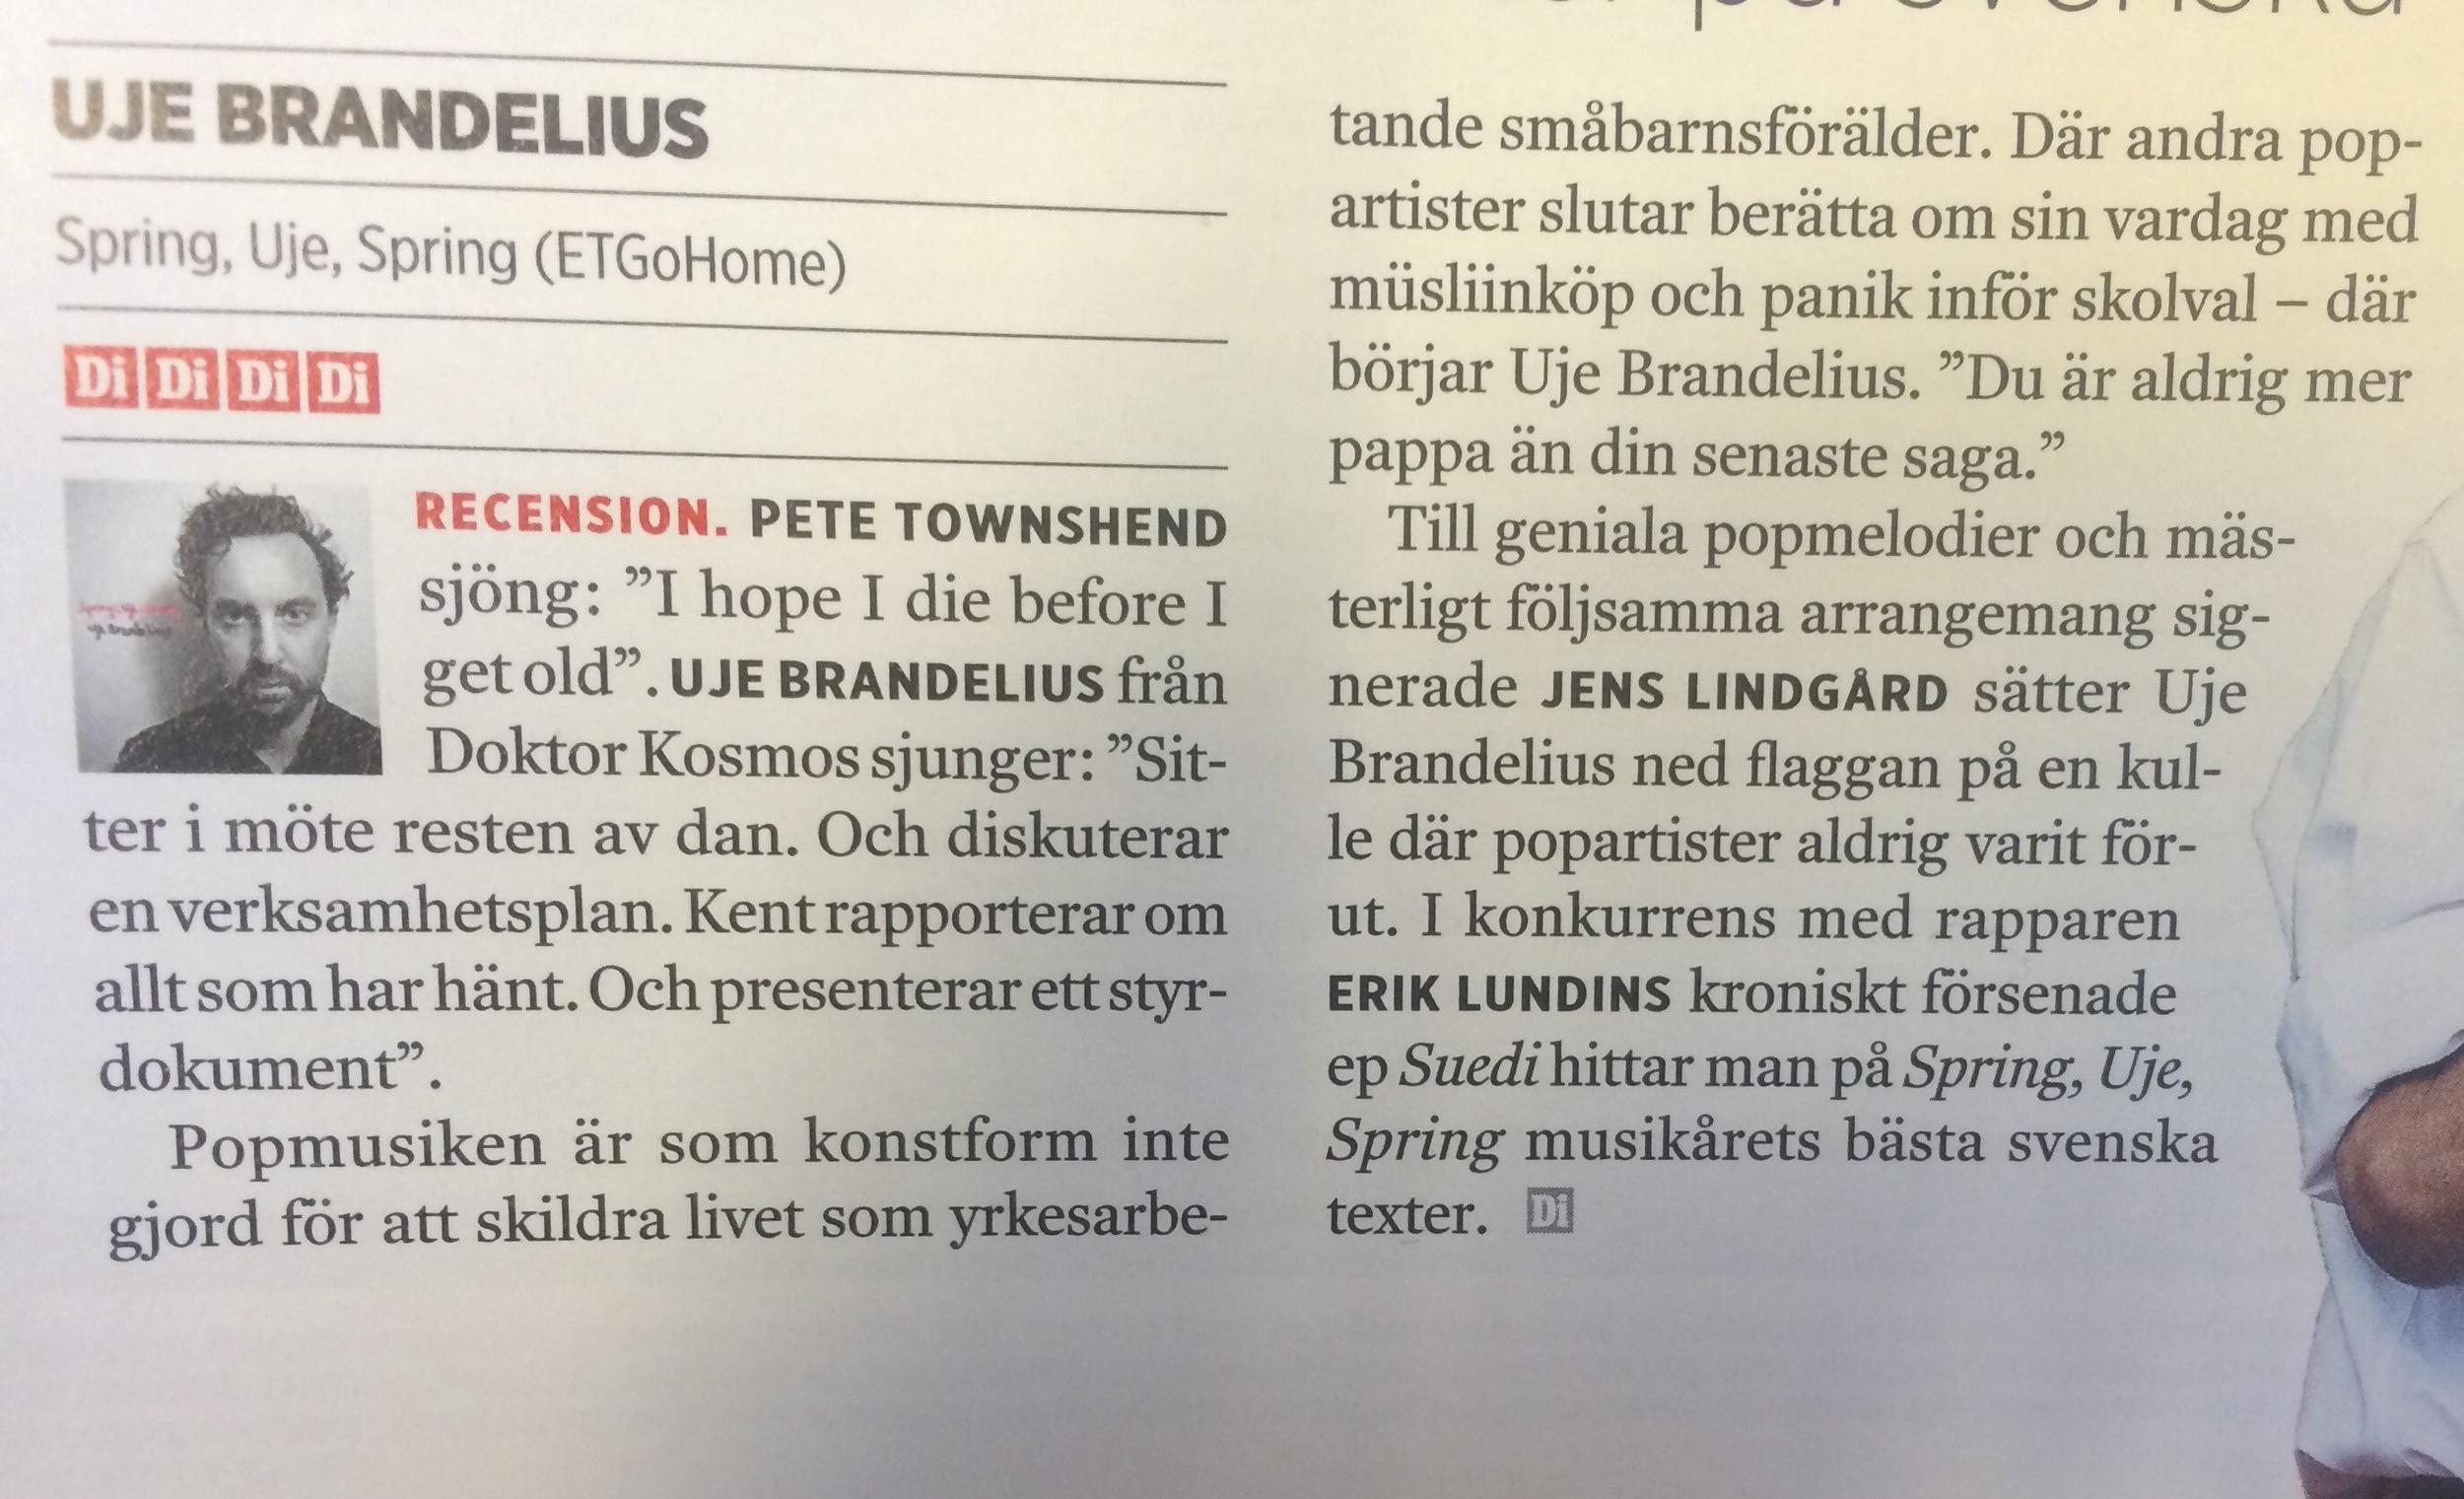 Uje Brandelius DI recension.jpg